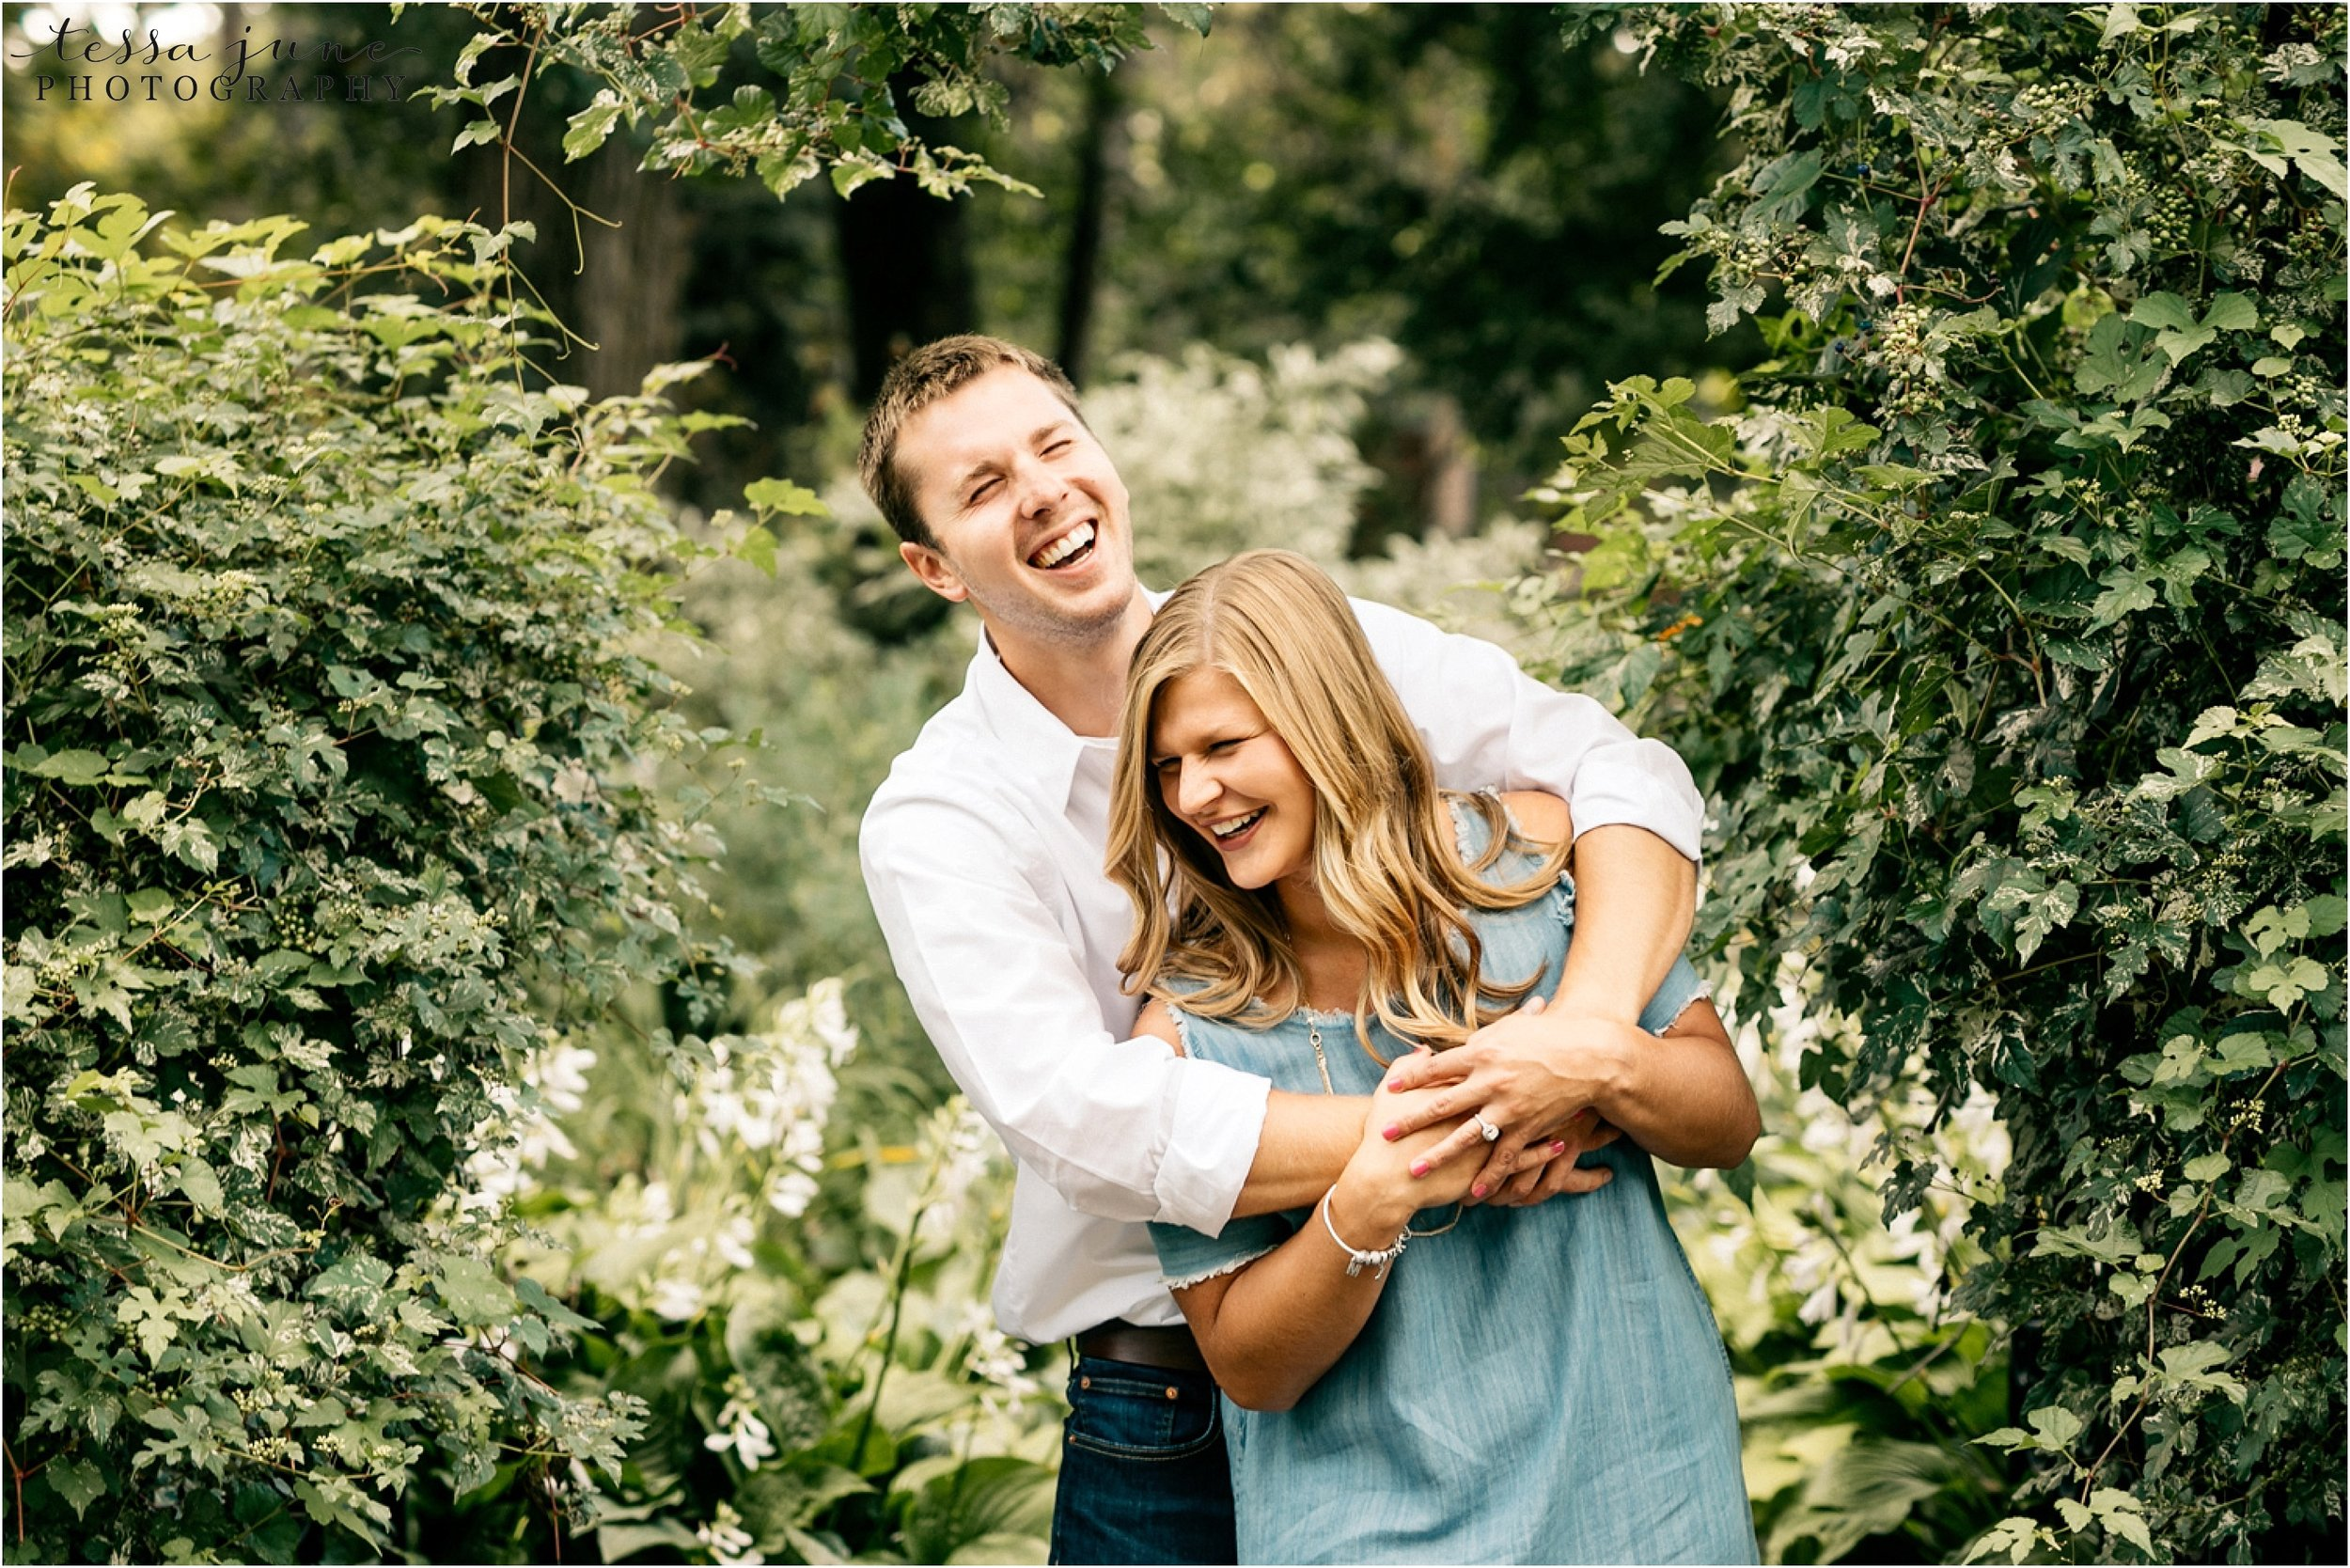 st-cloud-wedding-photographer-tessa-june-photography-munsinger-gardens-engagement